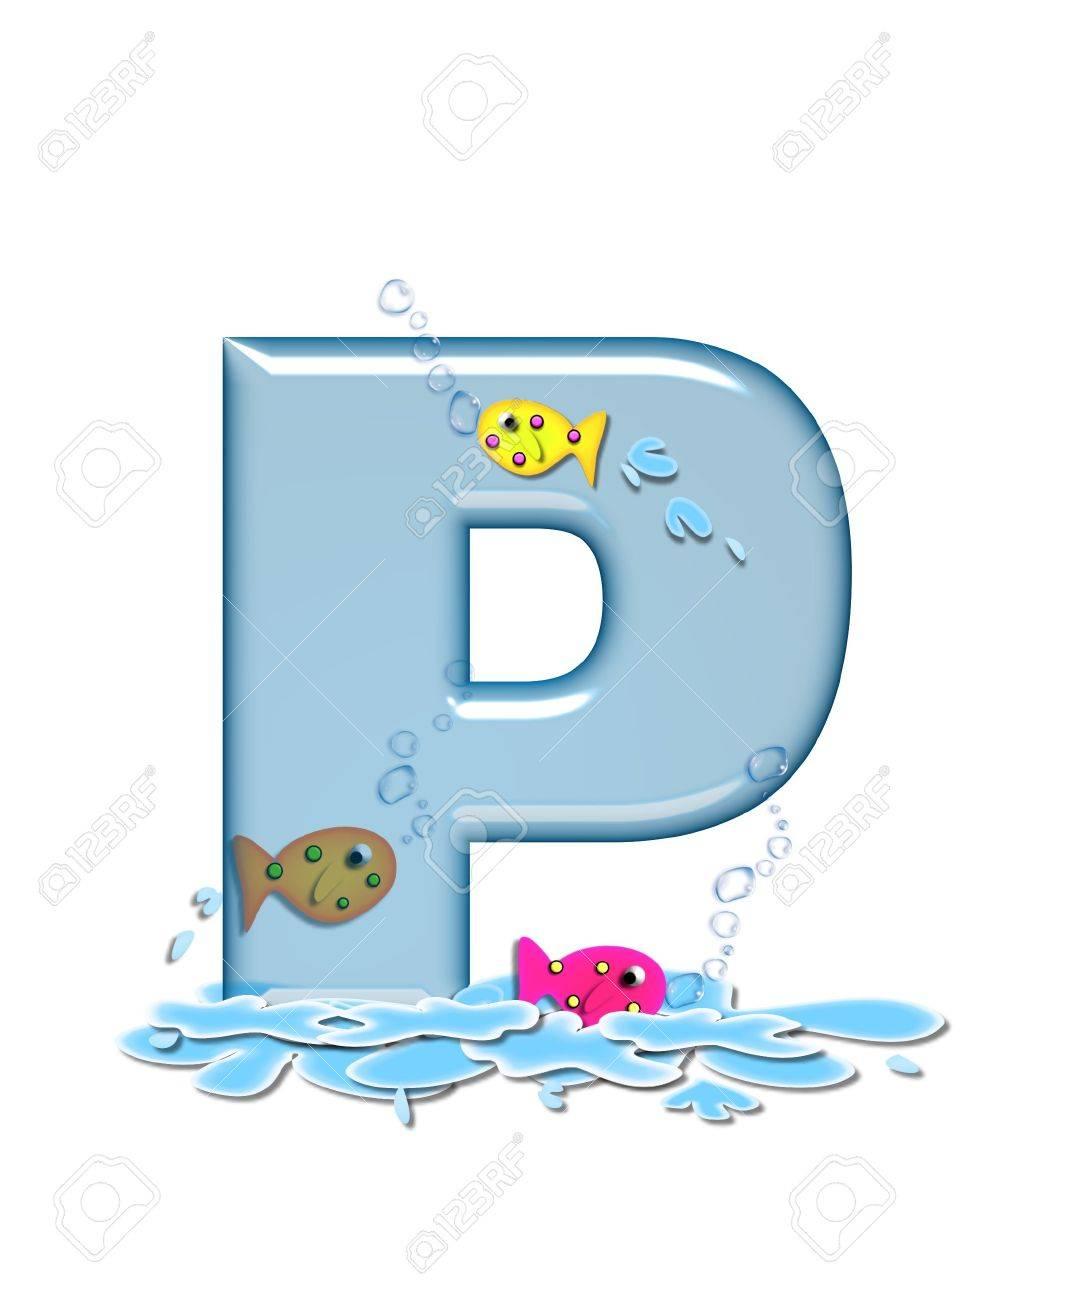 La lettera p nel flop pesce alfabeto set acqua di colore e archivio fotografico la lettera p nel flop pesce alfabeto set acqua di colore e trasparente potete vedere pesci nuotare dietro lettera e davanti thecheapjerseys Choice Image